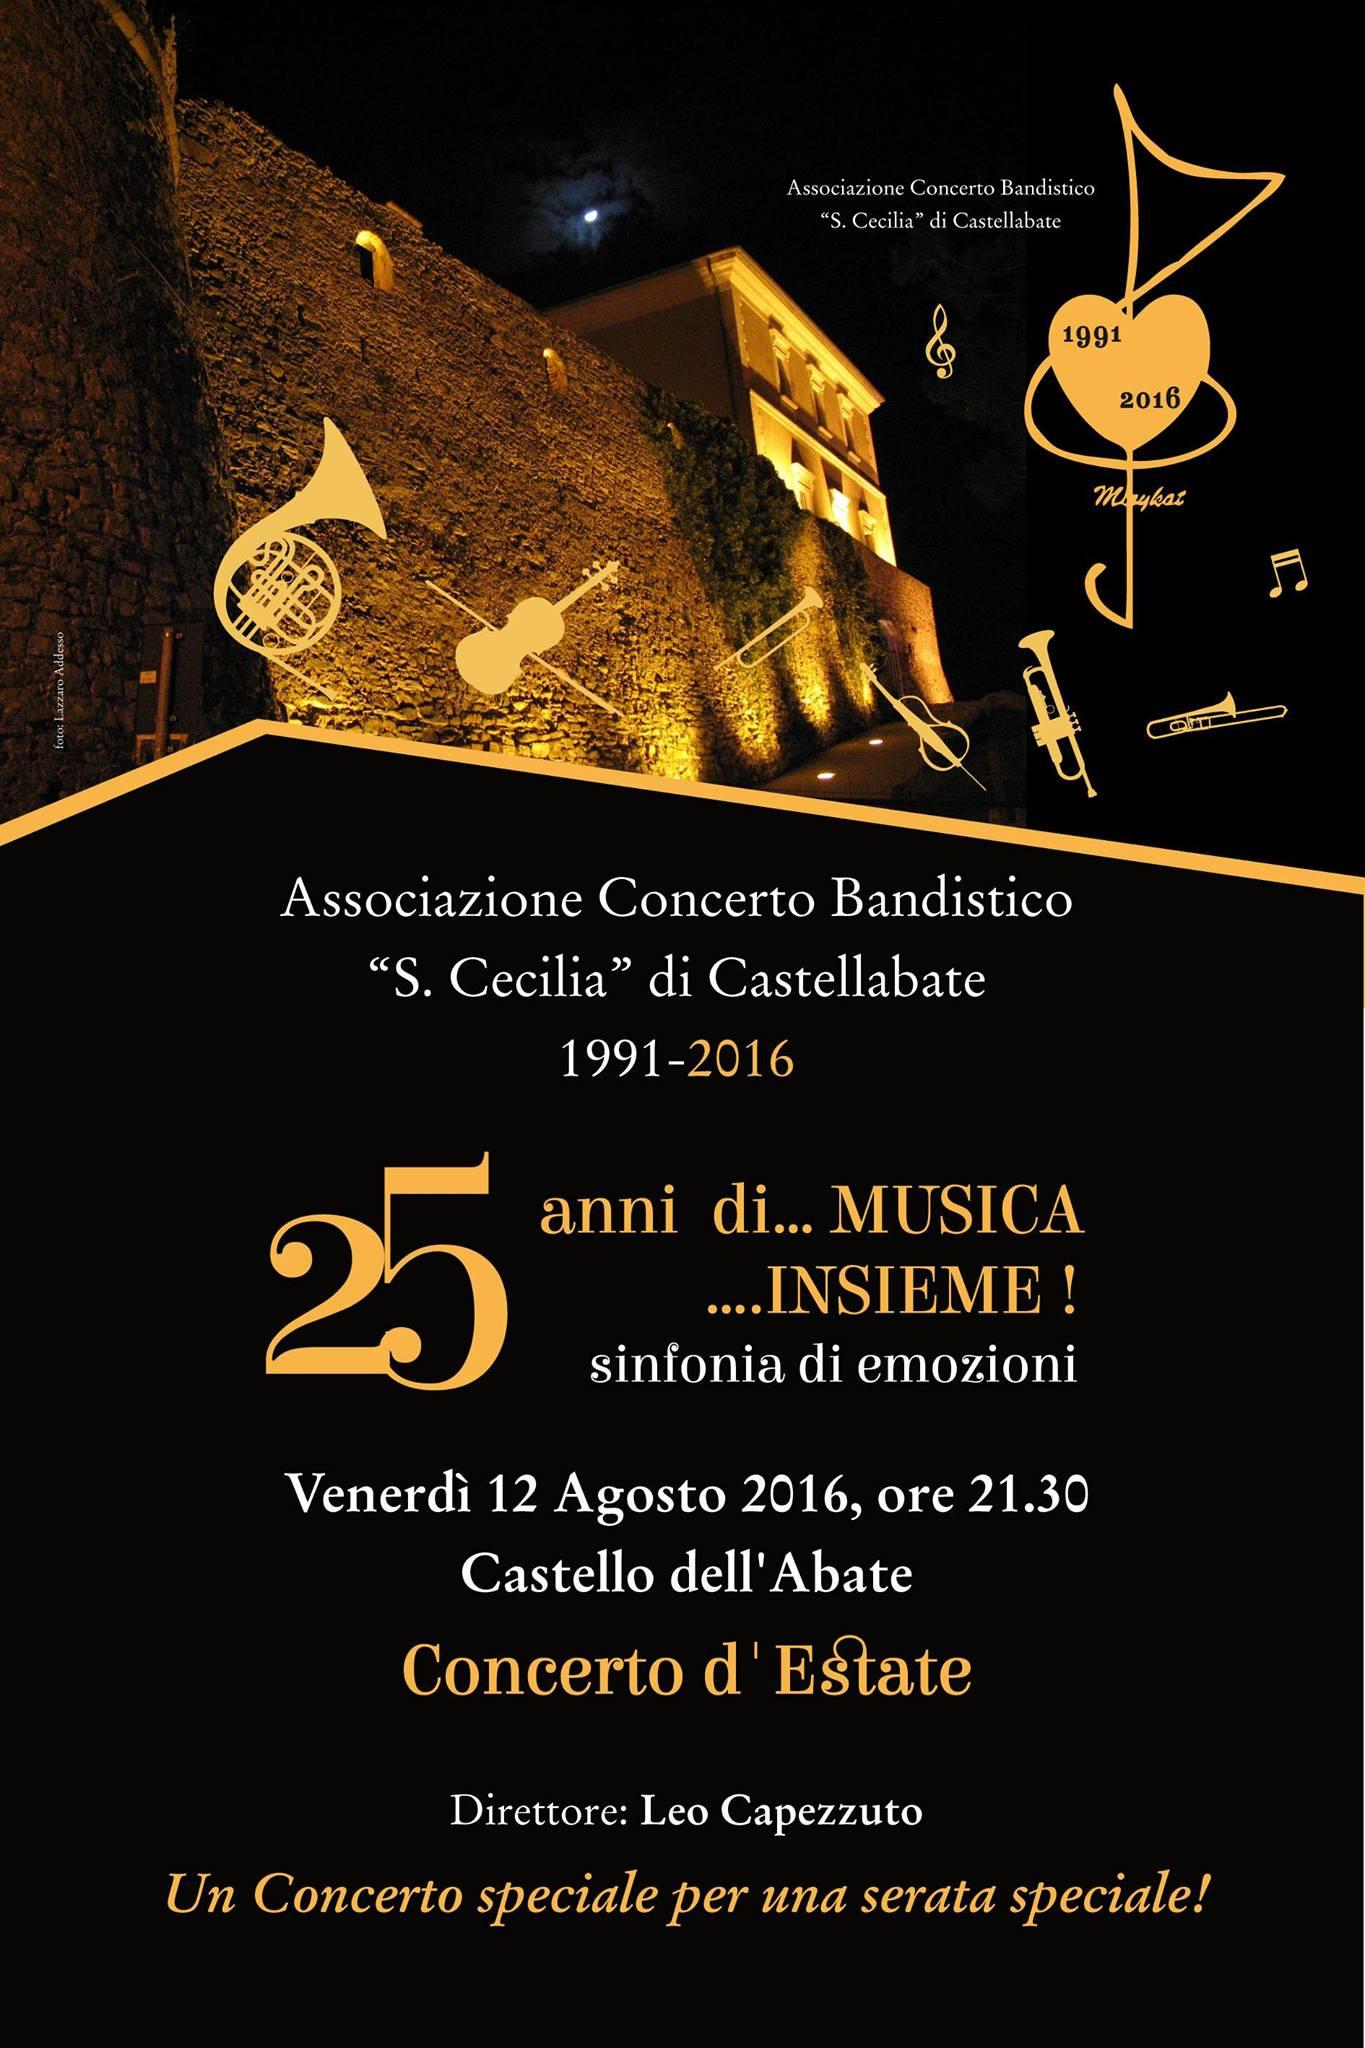 concerto d'estate santa cecilia castellabate